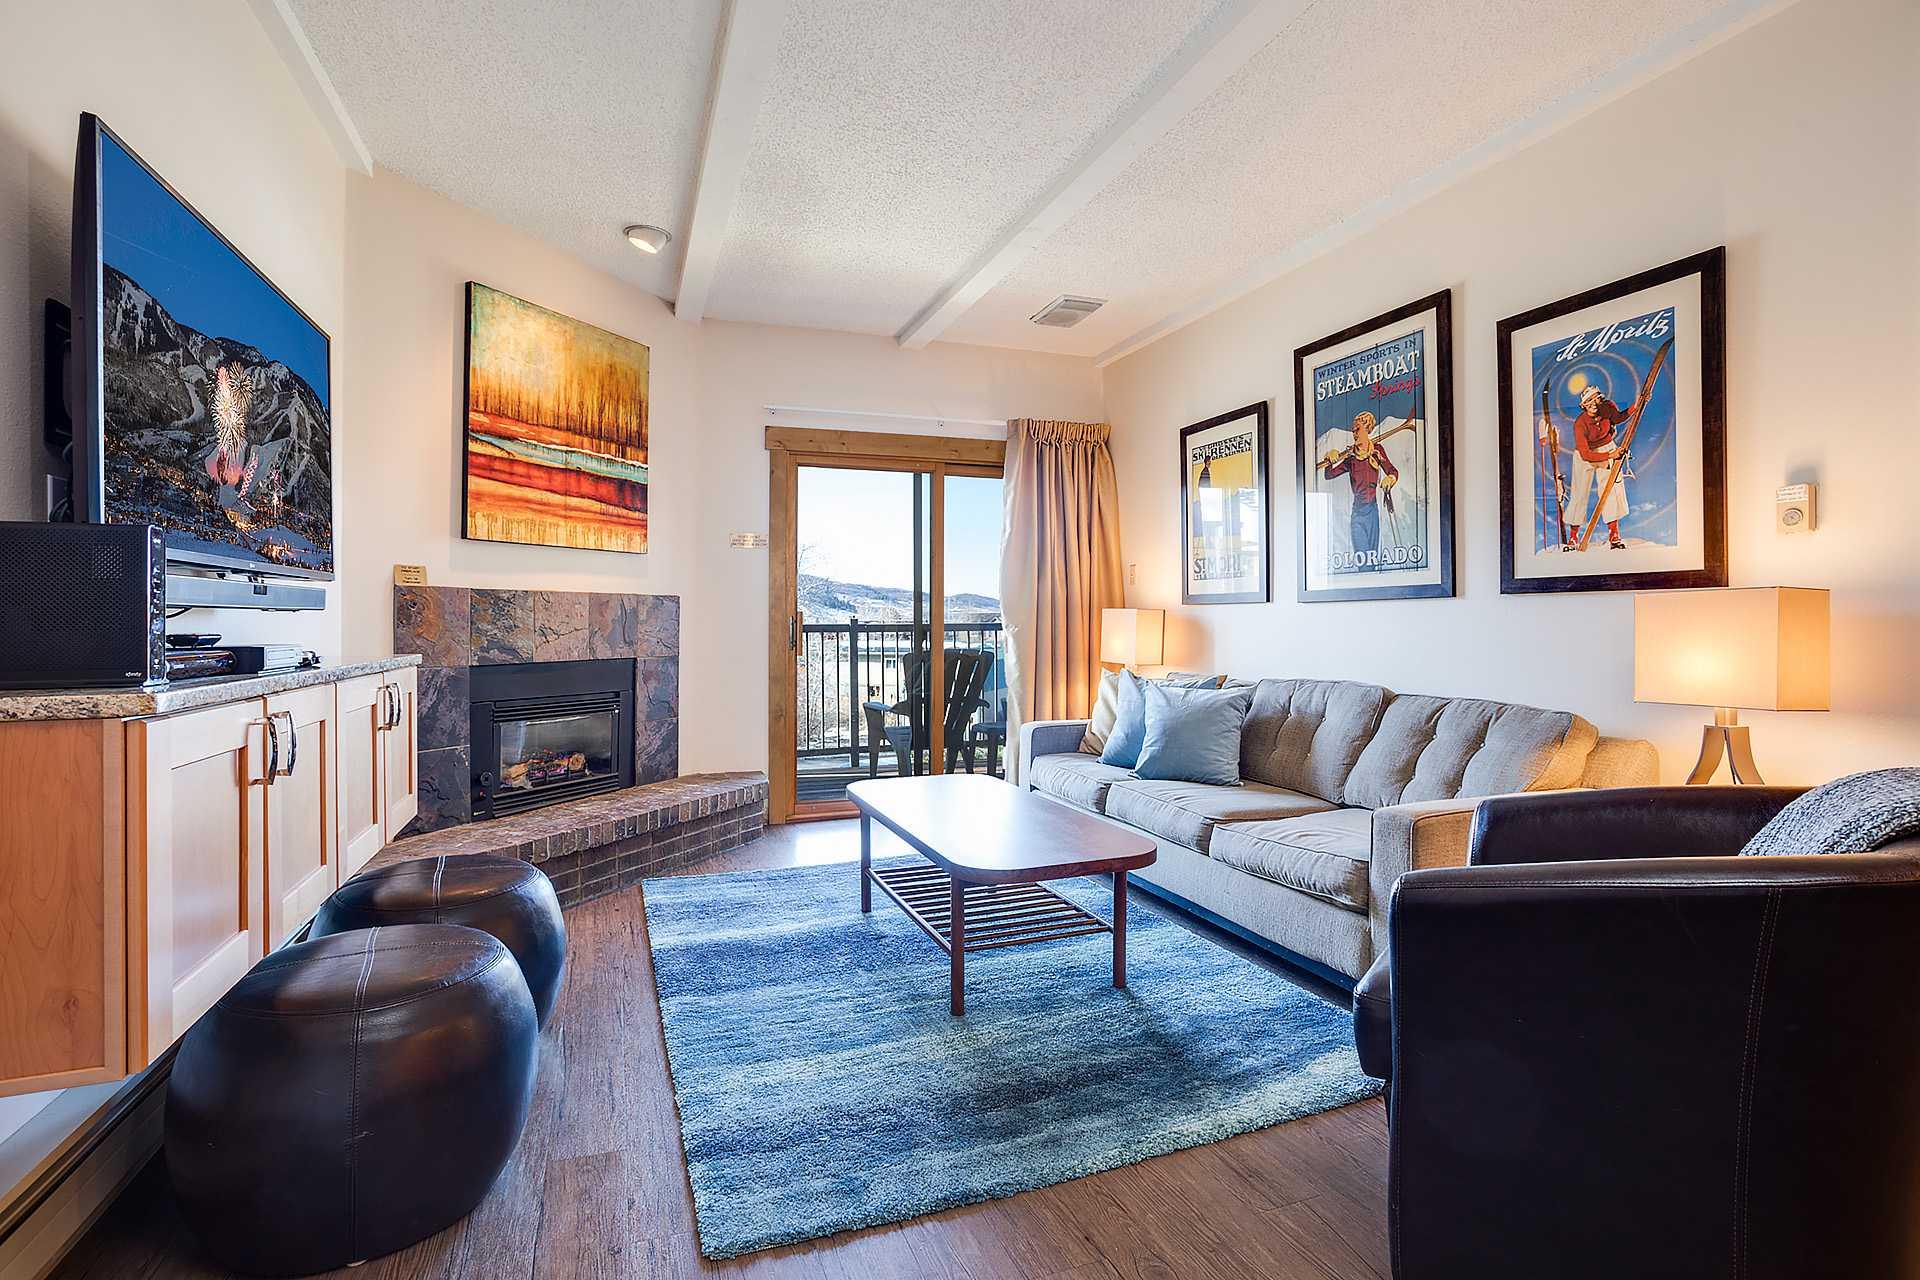 R2407: Rockies Condominiums